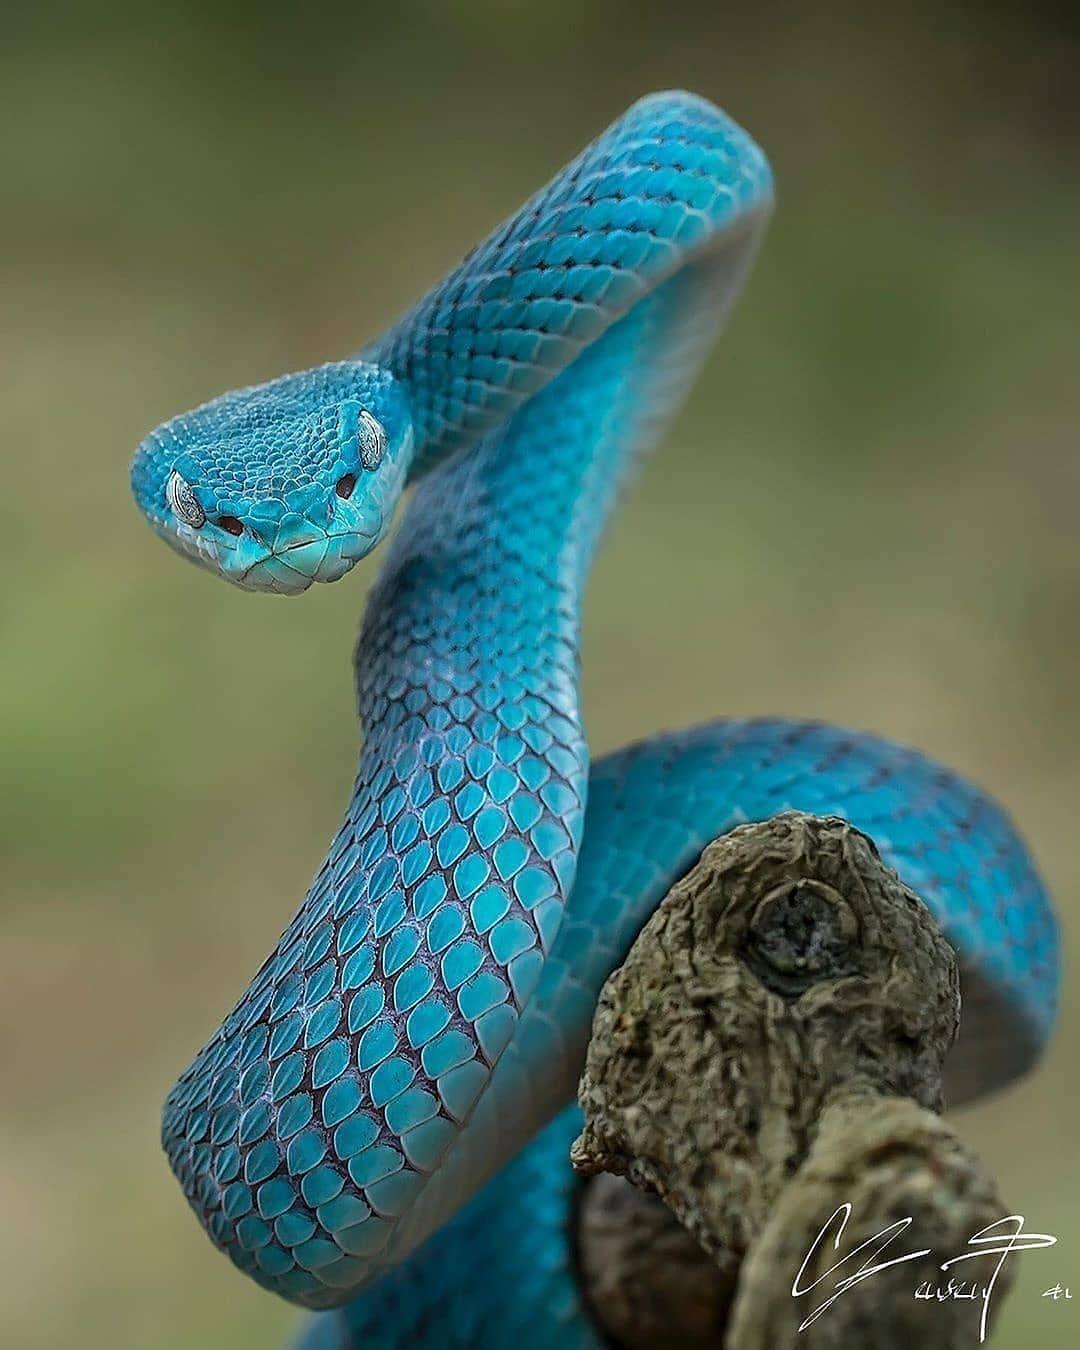 L'animal Le Plus Dangereux Du Monde : l'animal, dangereux, monde, Animaux, Dangereux, Monde, L'Homme, Belas, Cobras,, Animais, Repteis,, Serpente